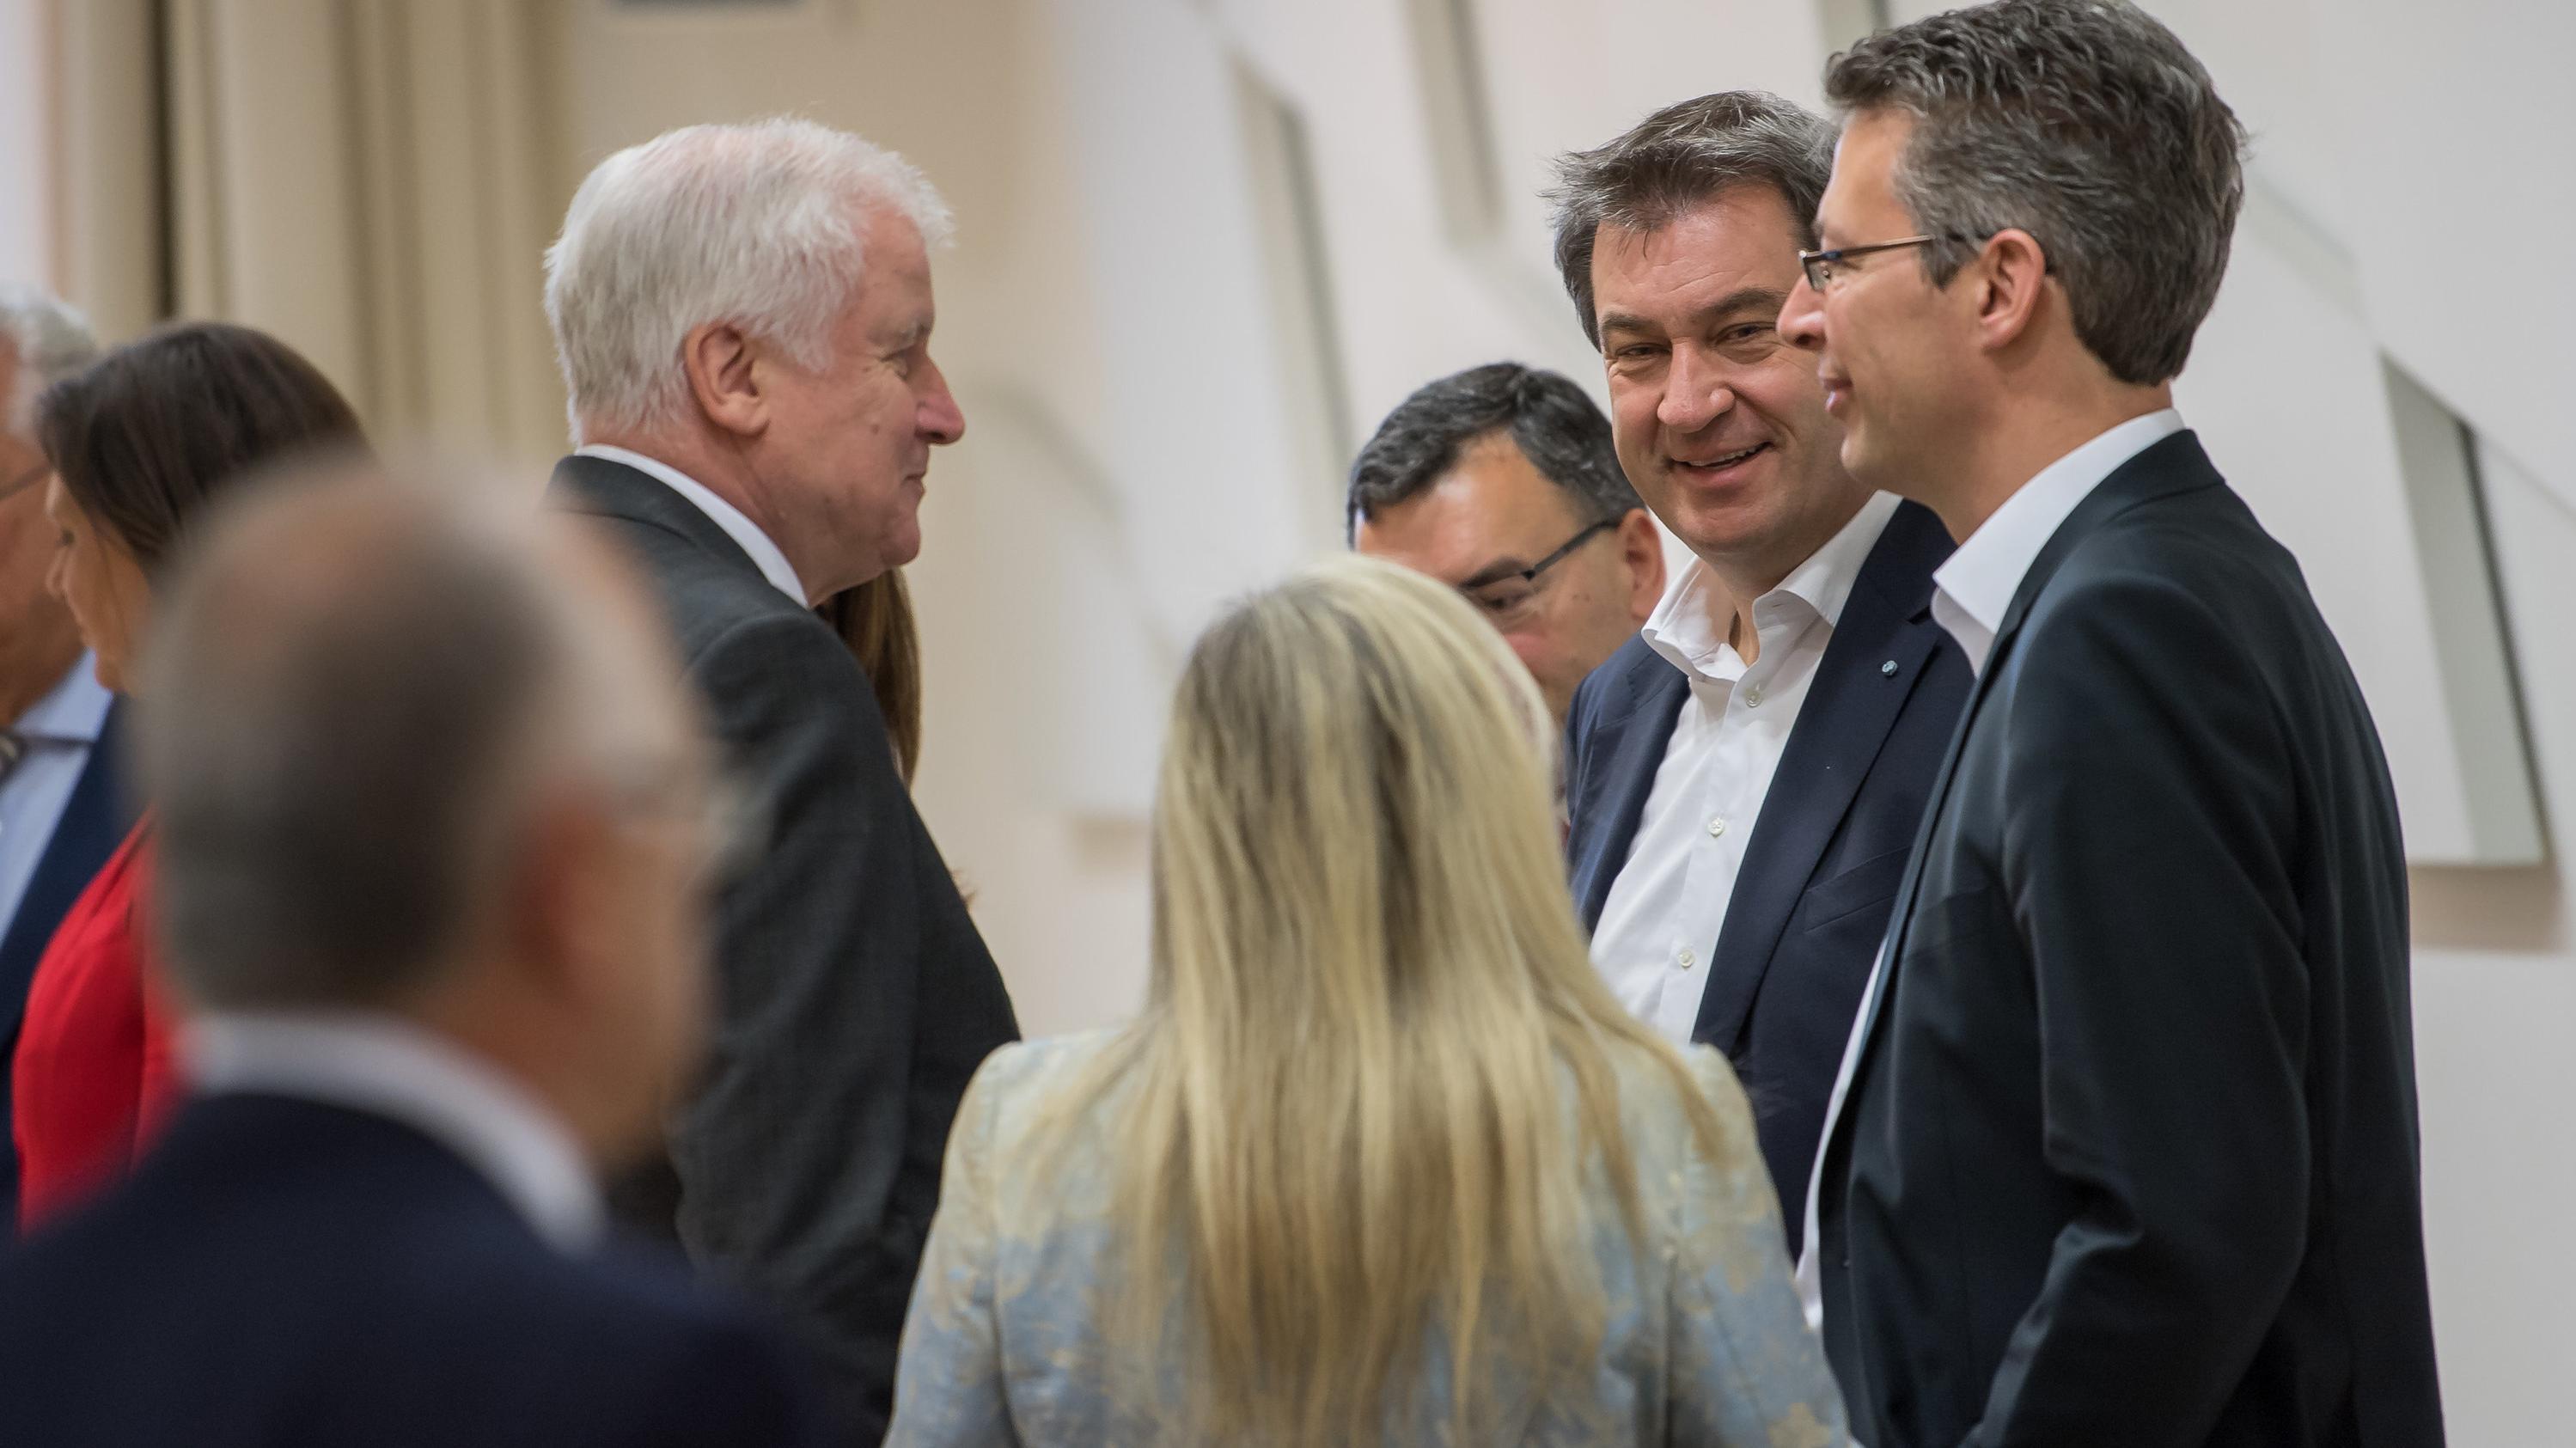 Das CSU-Präsidium will heute über die Aufnahme von Koalitionsverhandlungen beraten